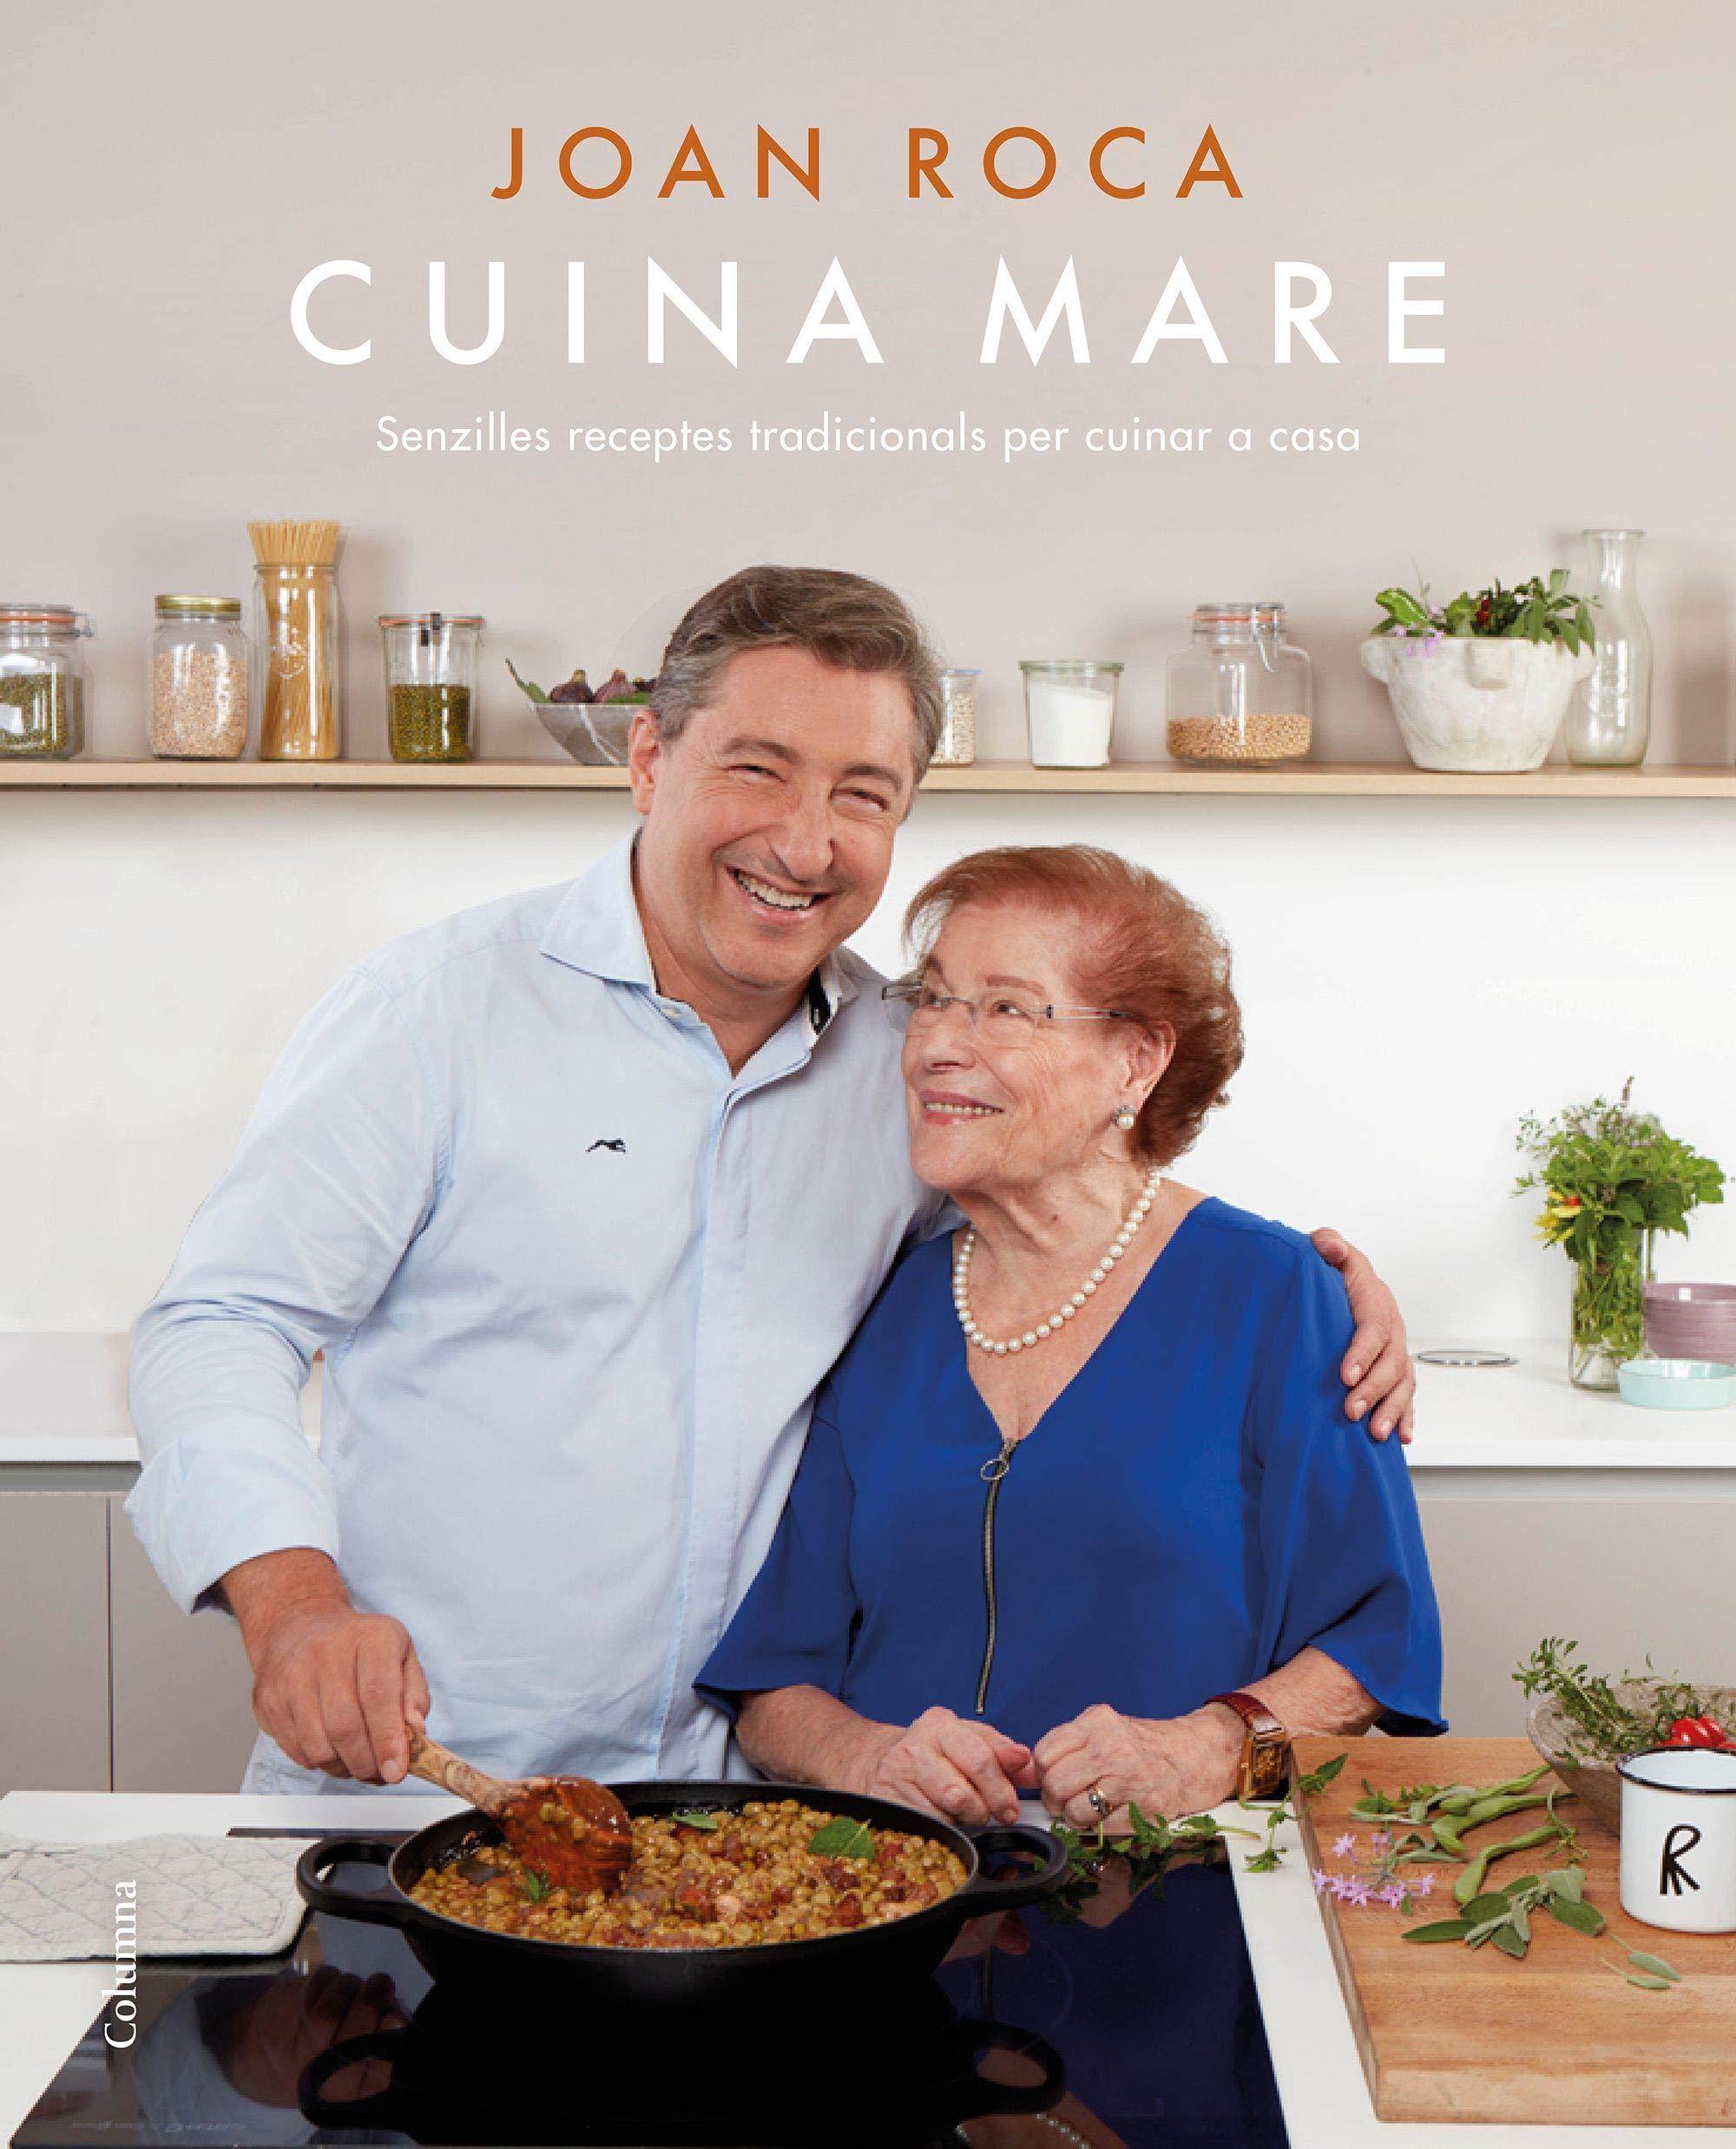 Cuina mare: Receptes senzilles i tradicionals per cuinar a casa (FORA DE COL.LECCIO)